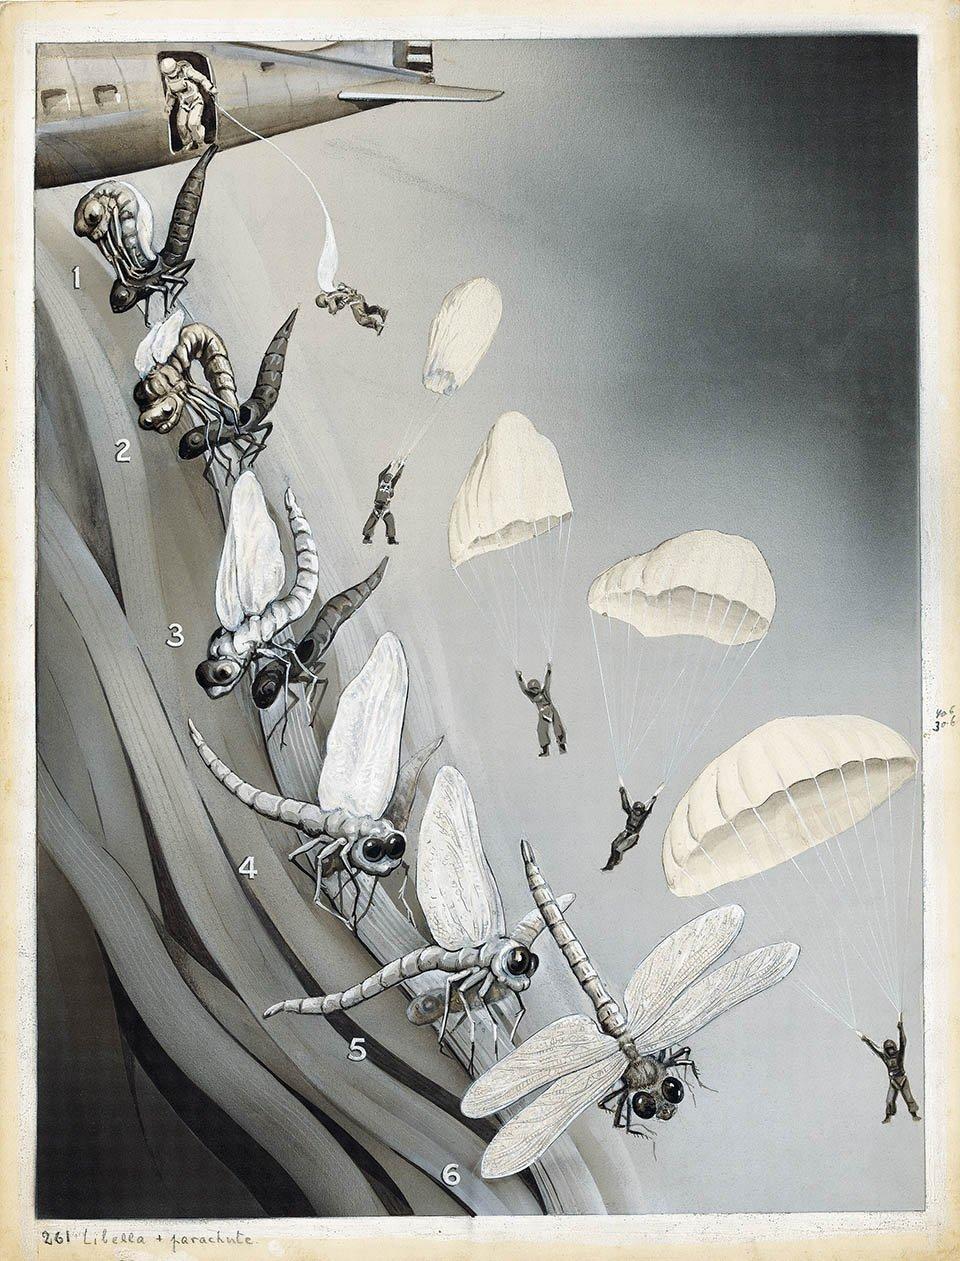 Die Entfaltung der Insektenflügel (The unfolding of insect wings) Das Buch der Natur II, Albert Müller, Rüschlikon/Zurich 1952, p. 100